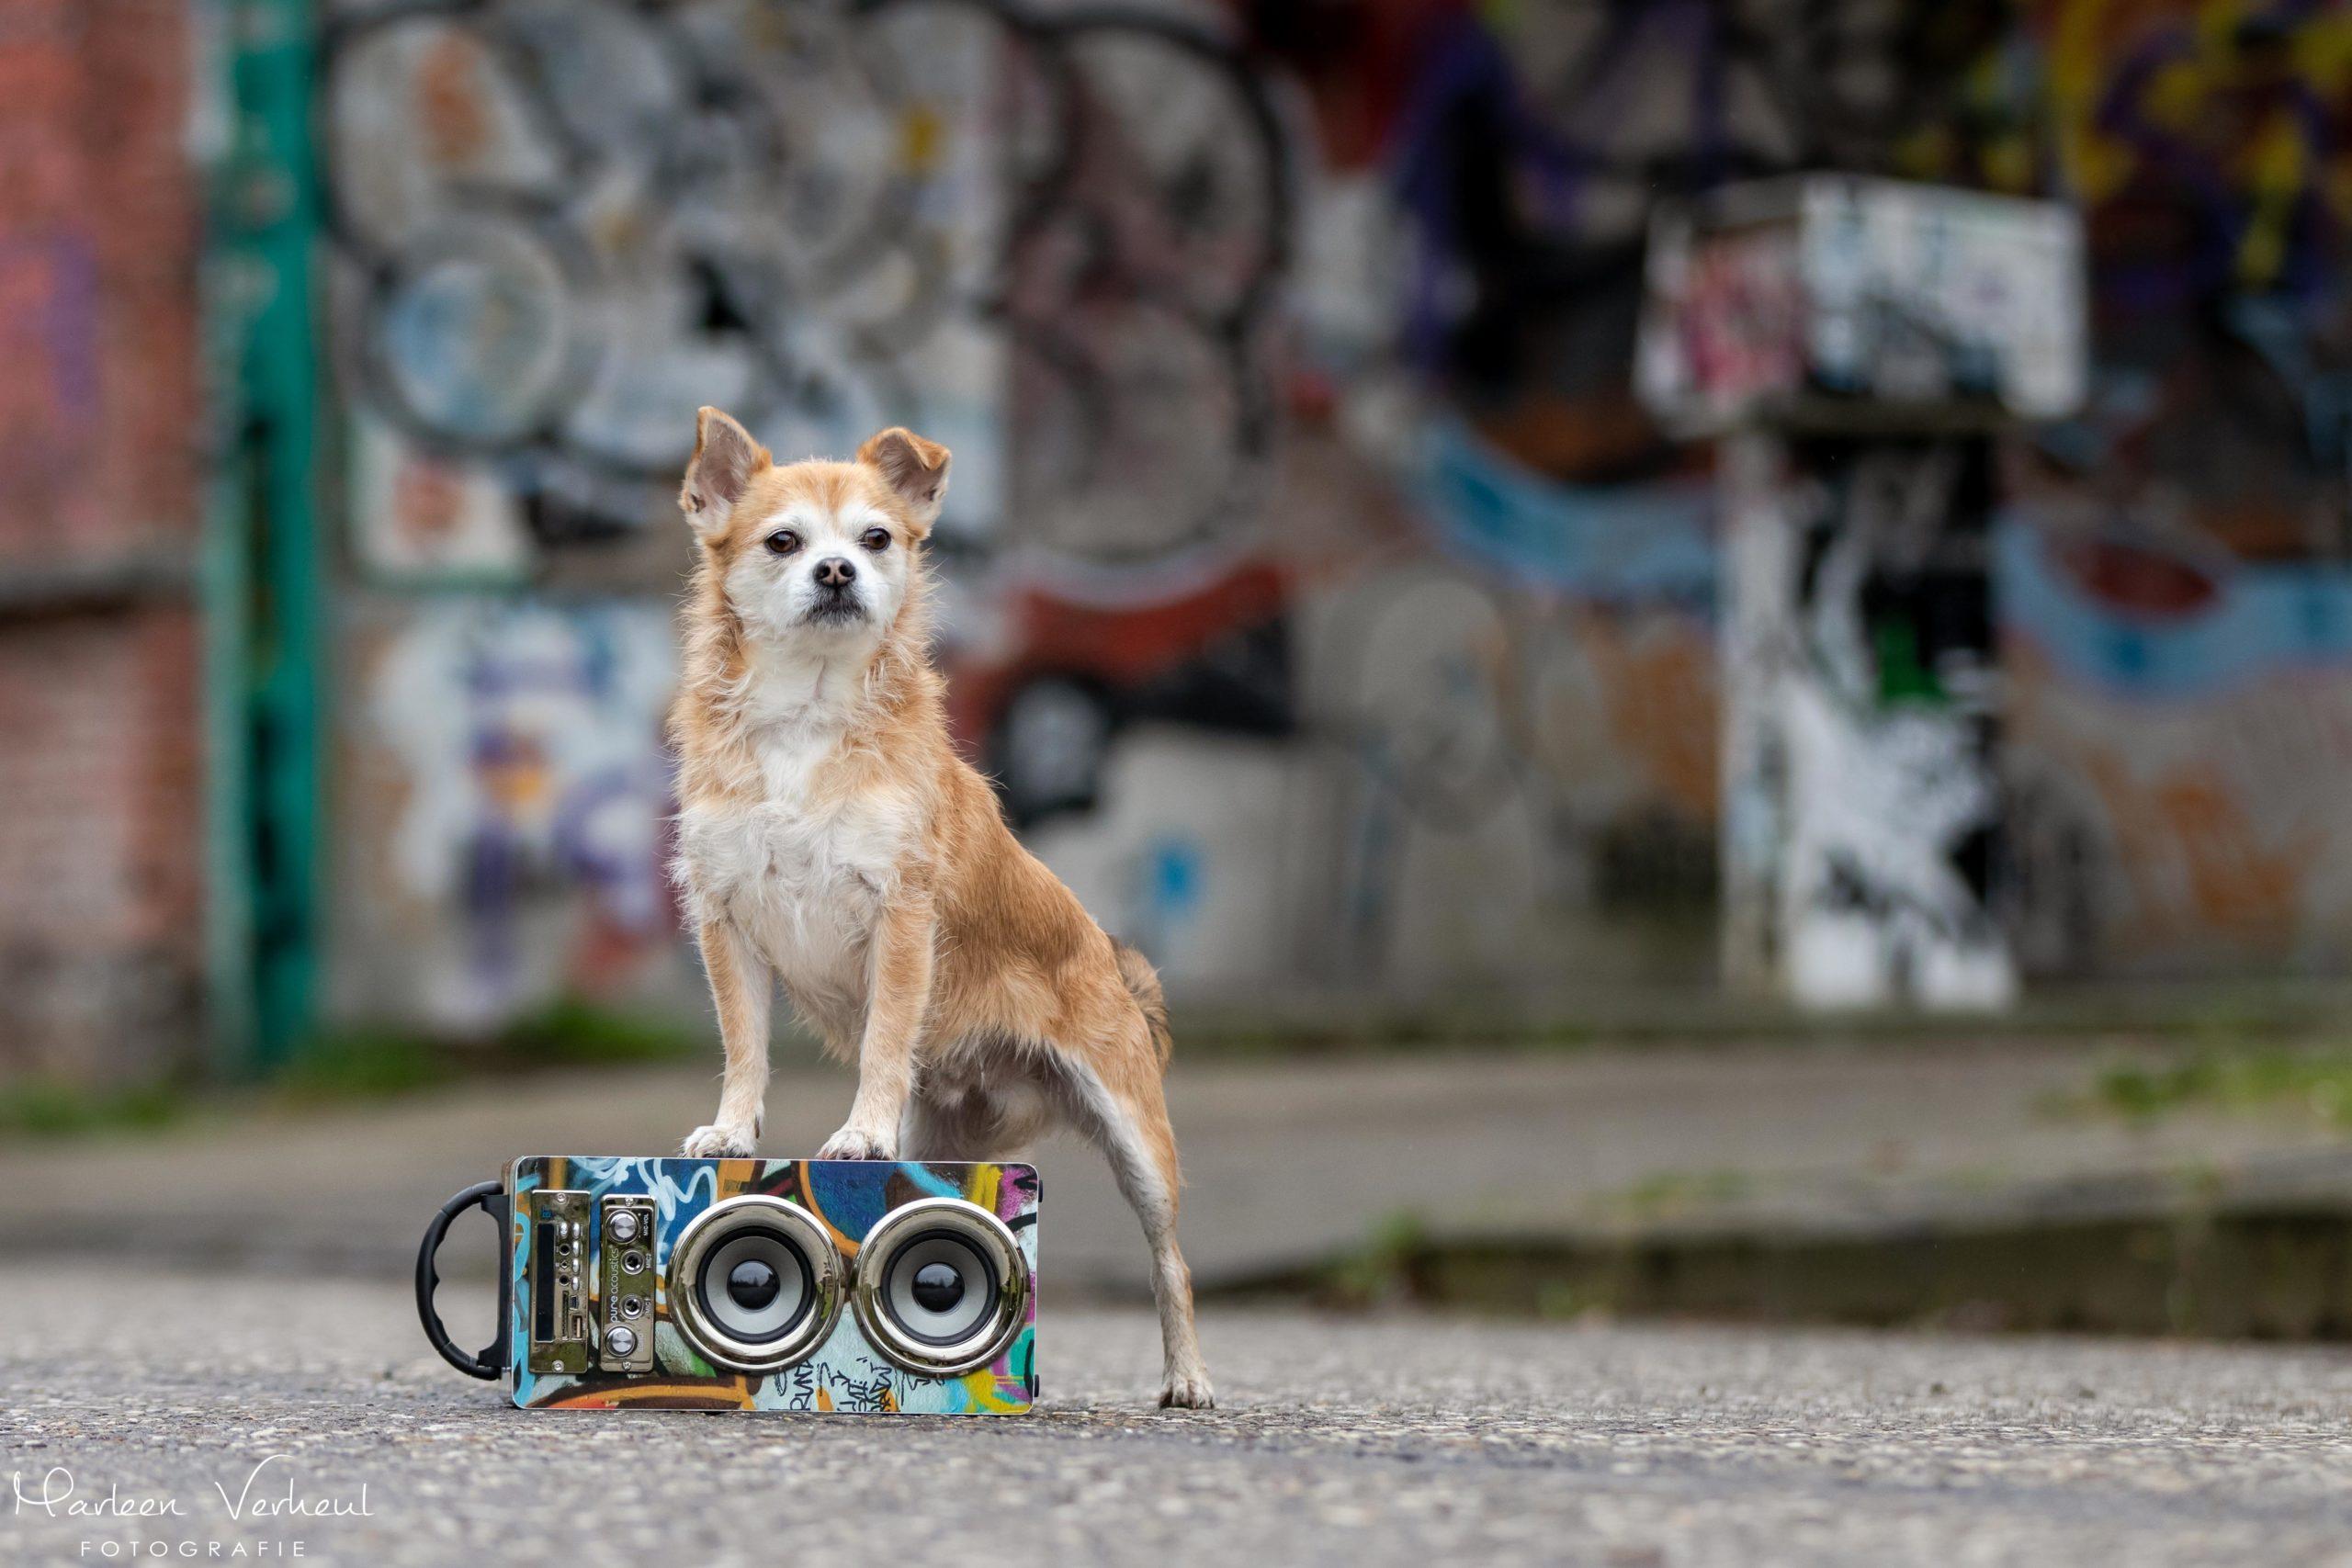 Marleen Verheul Fotografie, hondenfotografie, hondenfotograaf, hondenportret in Doel (België)